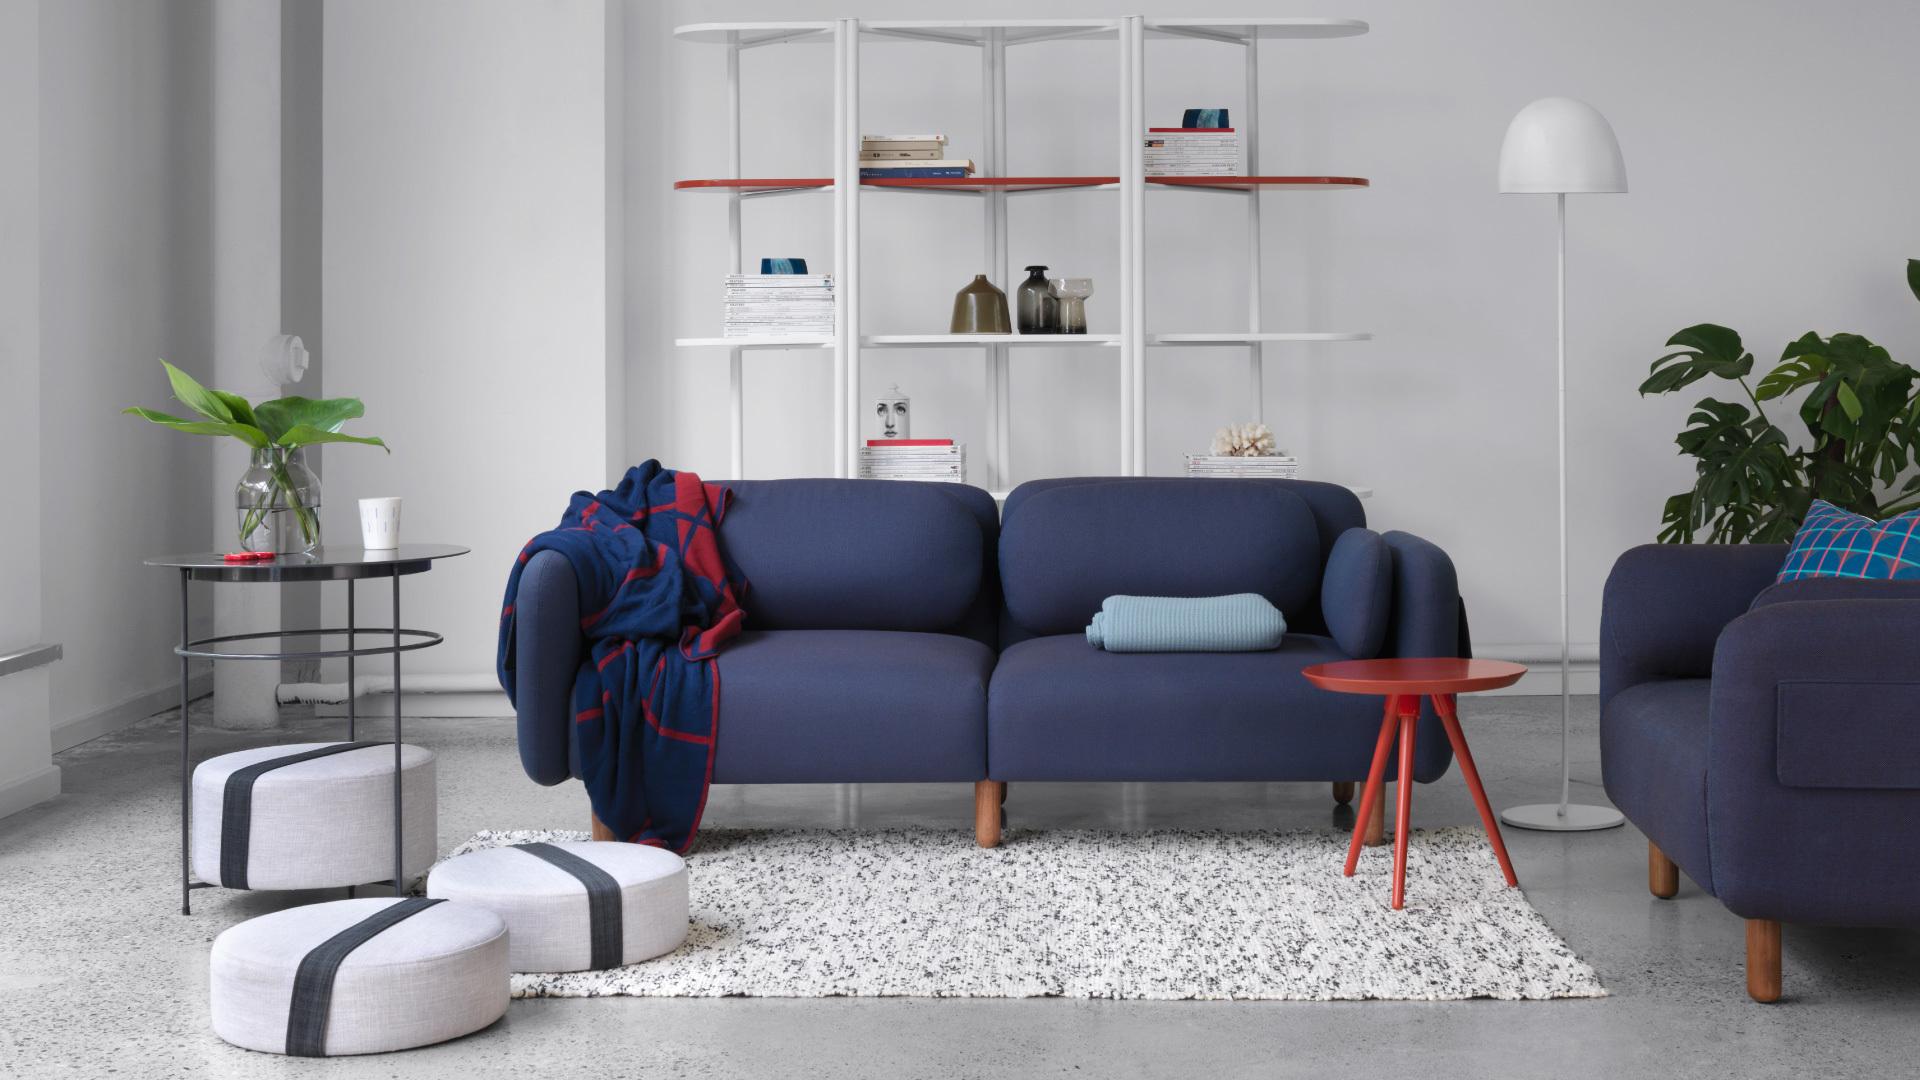 蓝棕鹅卵石,为客厅注入年轻朝气